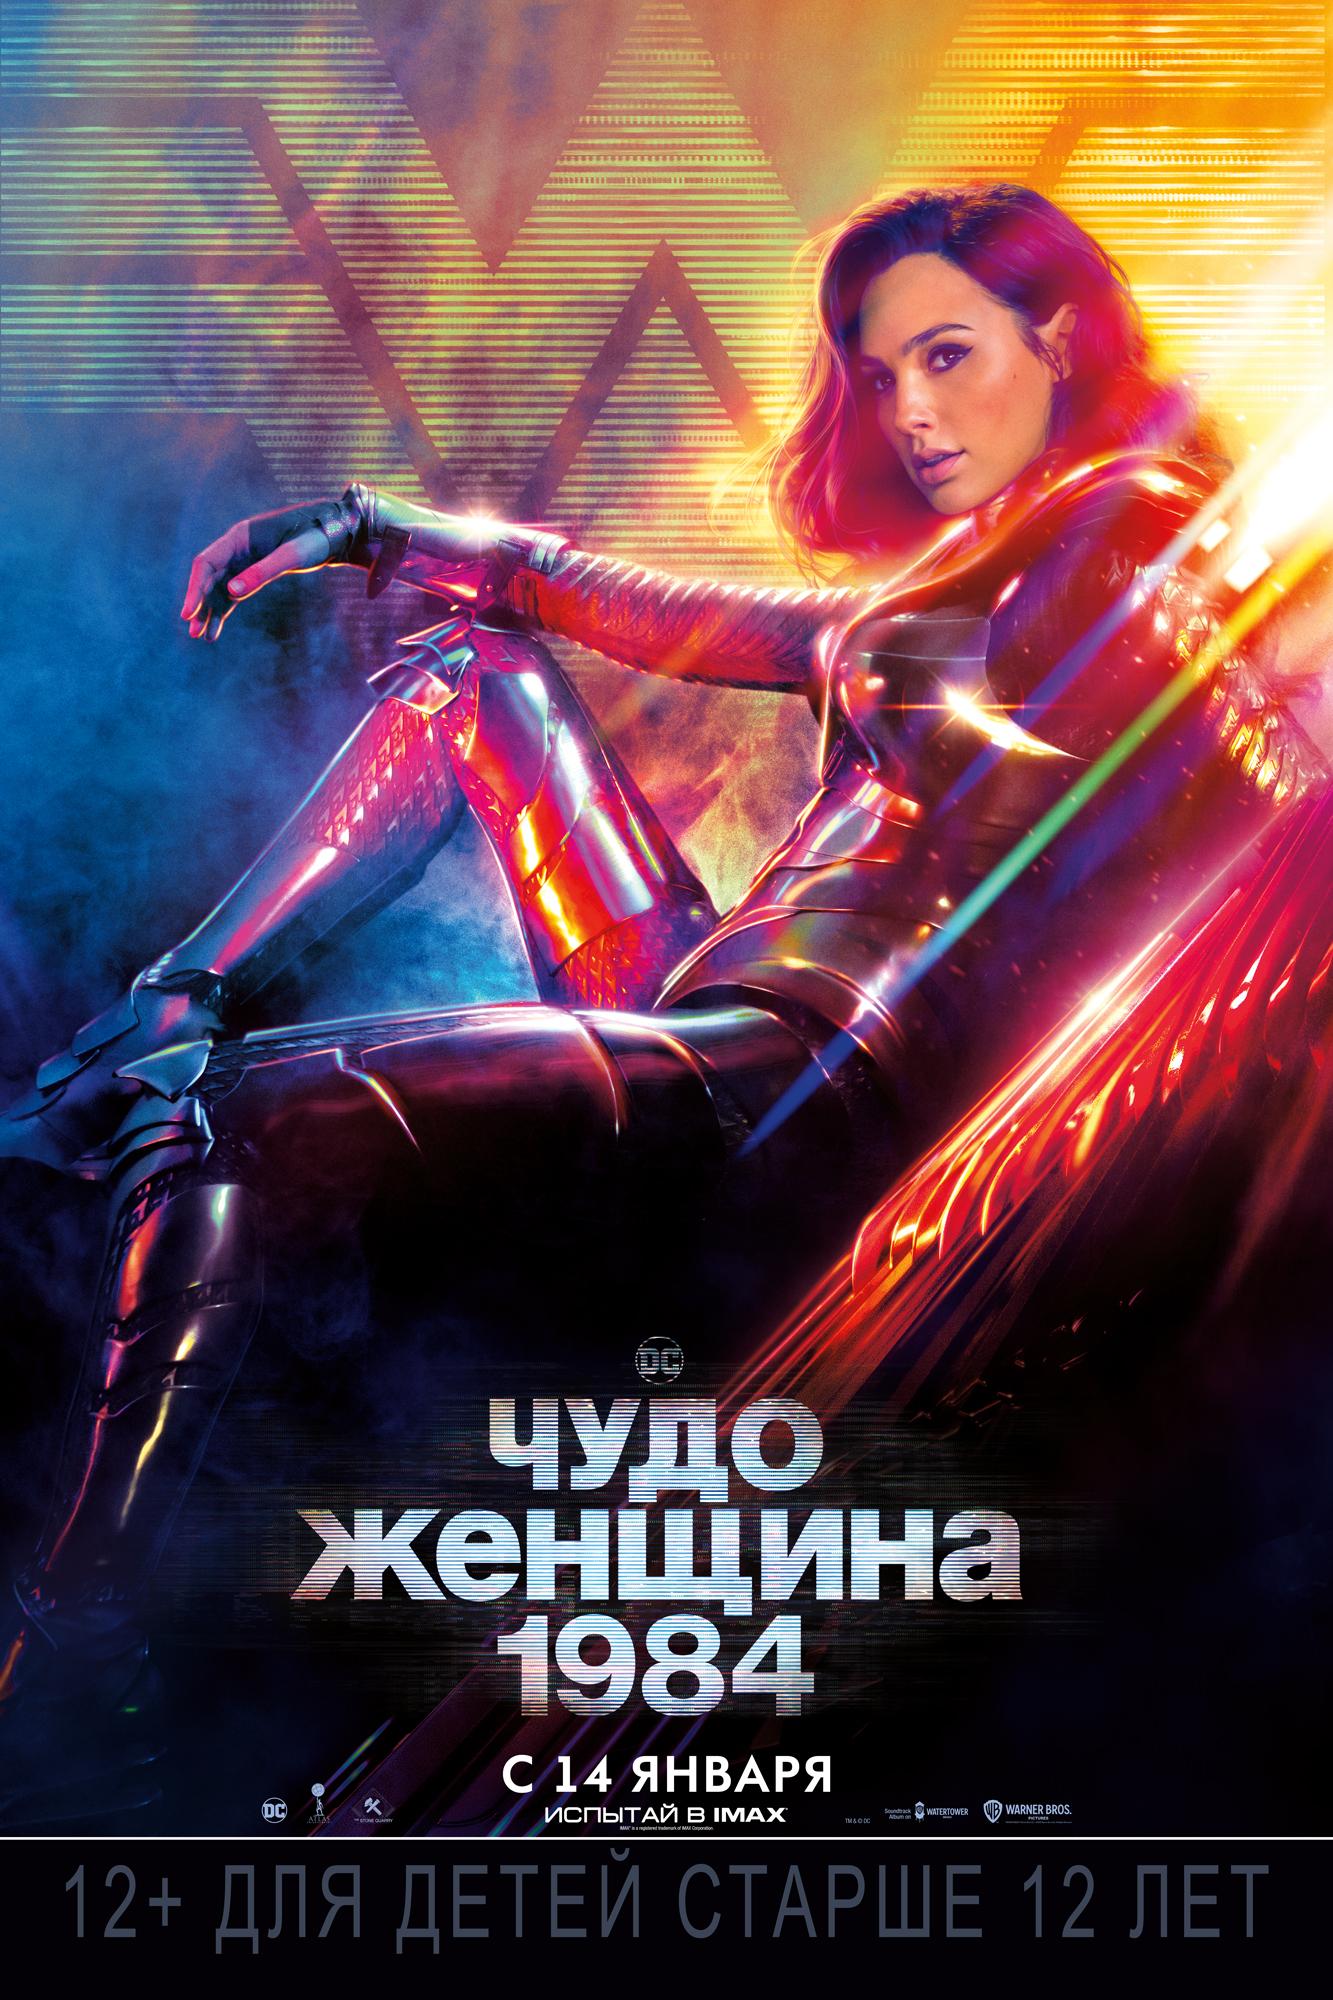 Постер вертикальный 2